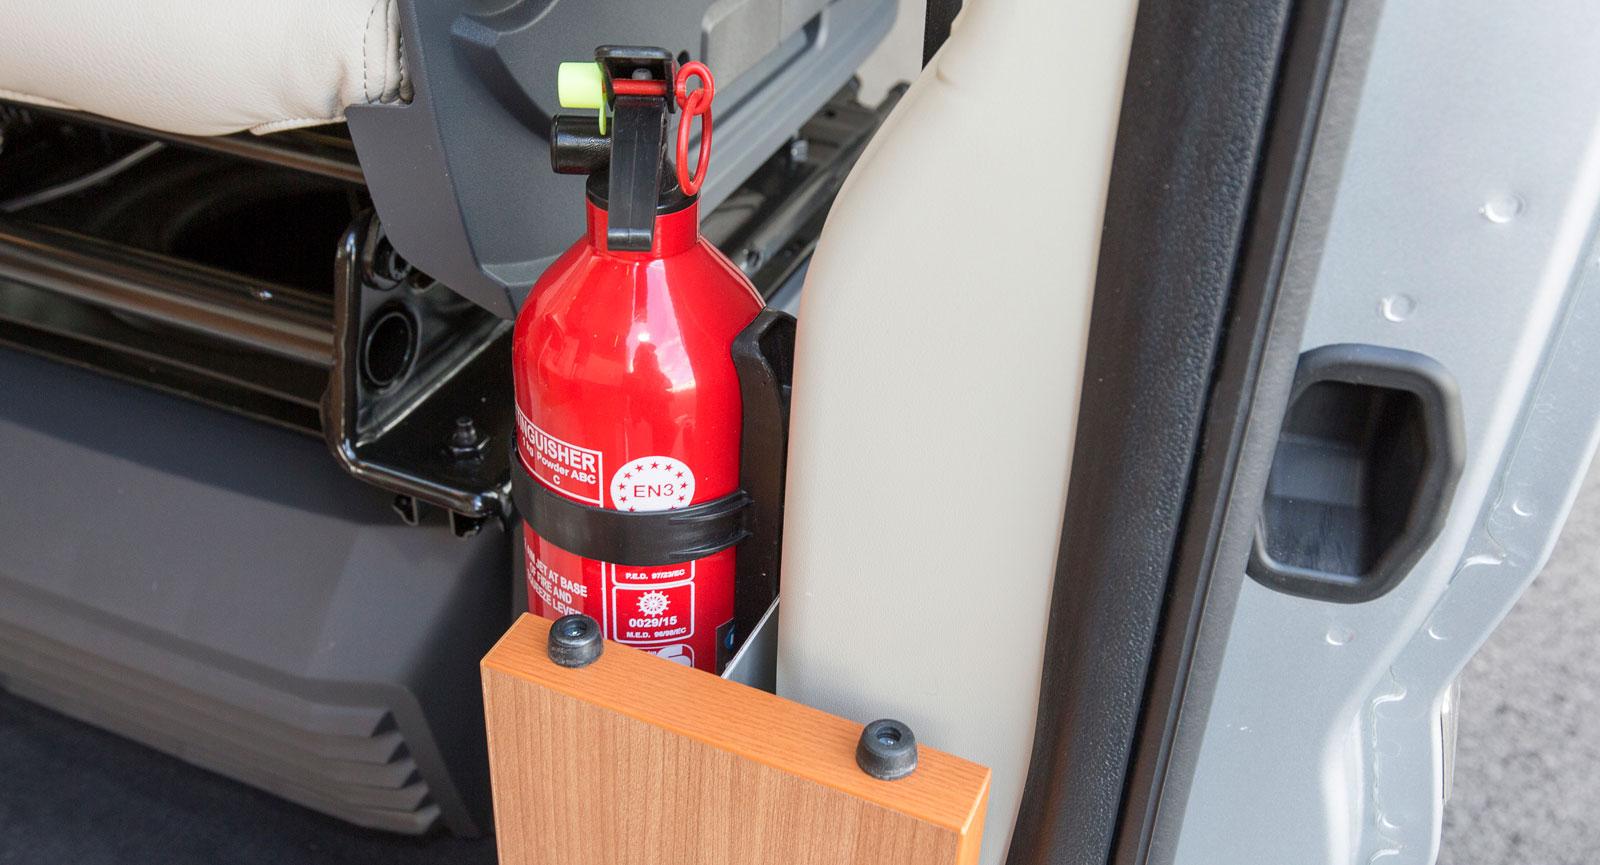 Precis vid dörren finns en brandsläckare. Föredömligt!